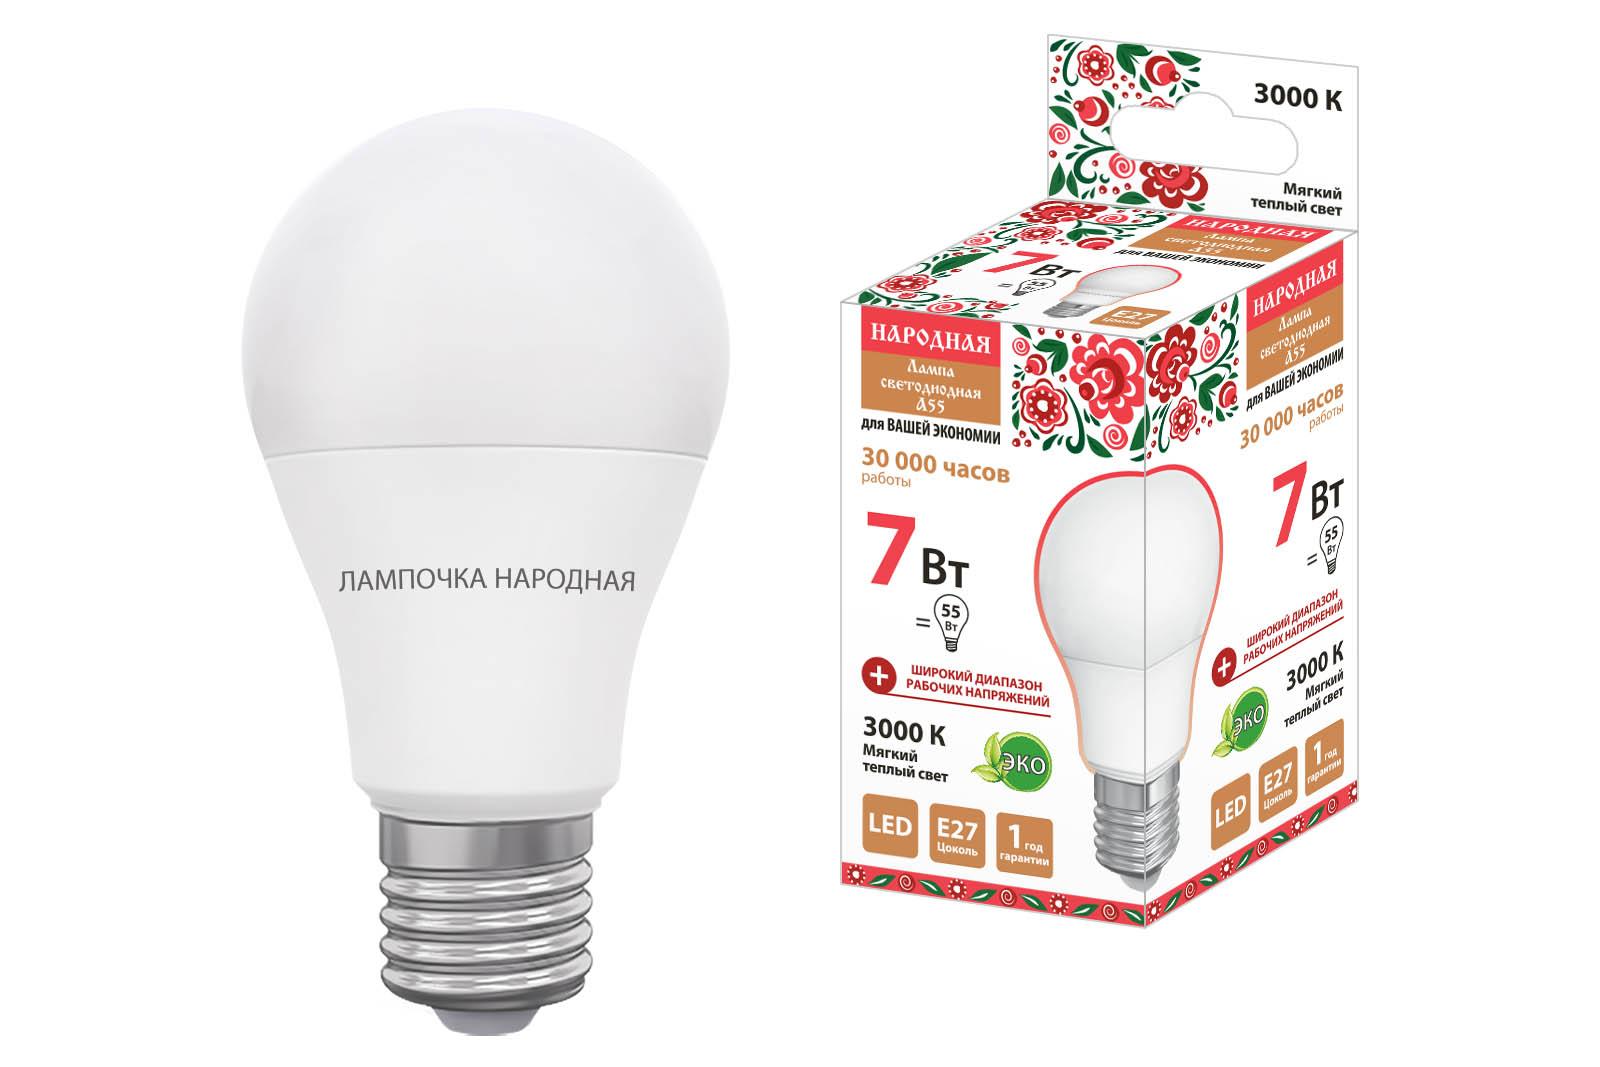 Фото Лампа светодиодная НЛ-LED-A55-7 Вт-230 В-3000 К-Е27, (55x98 мм), Народная {SQ0340-1505}